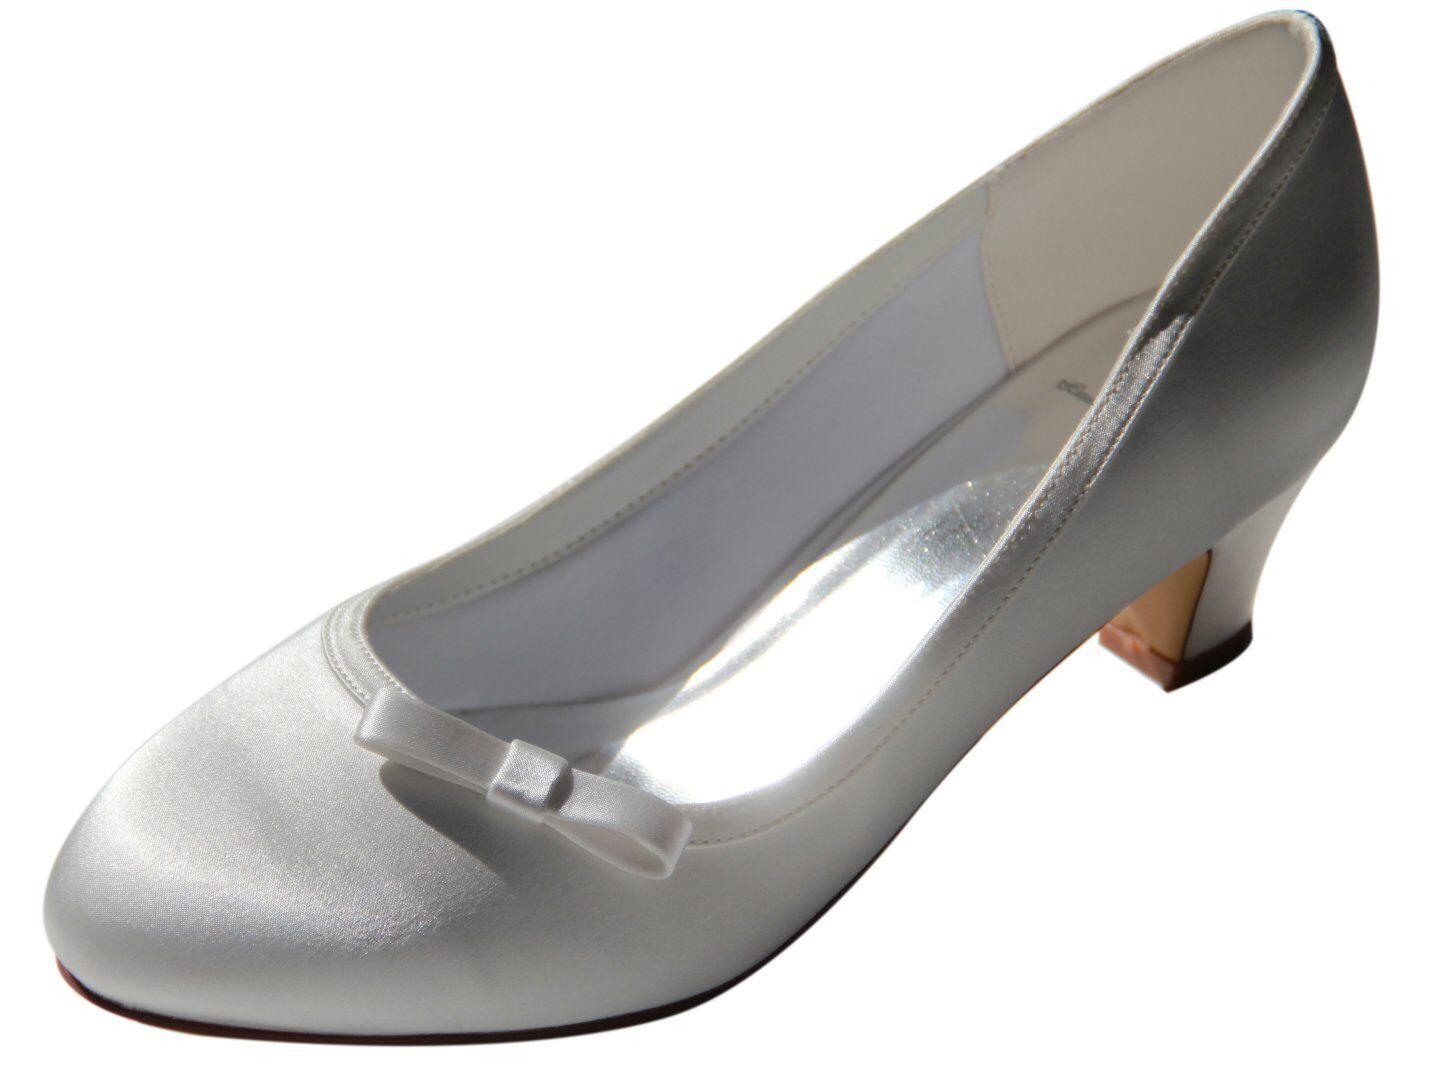 sconto online di vendita HBH SATIN scarpe da sposa, interno interno interno foderato, con fiocco, 5cm, paragrafo, colore  Ivory  presentando tutte le ultime tendenze della moda